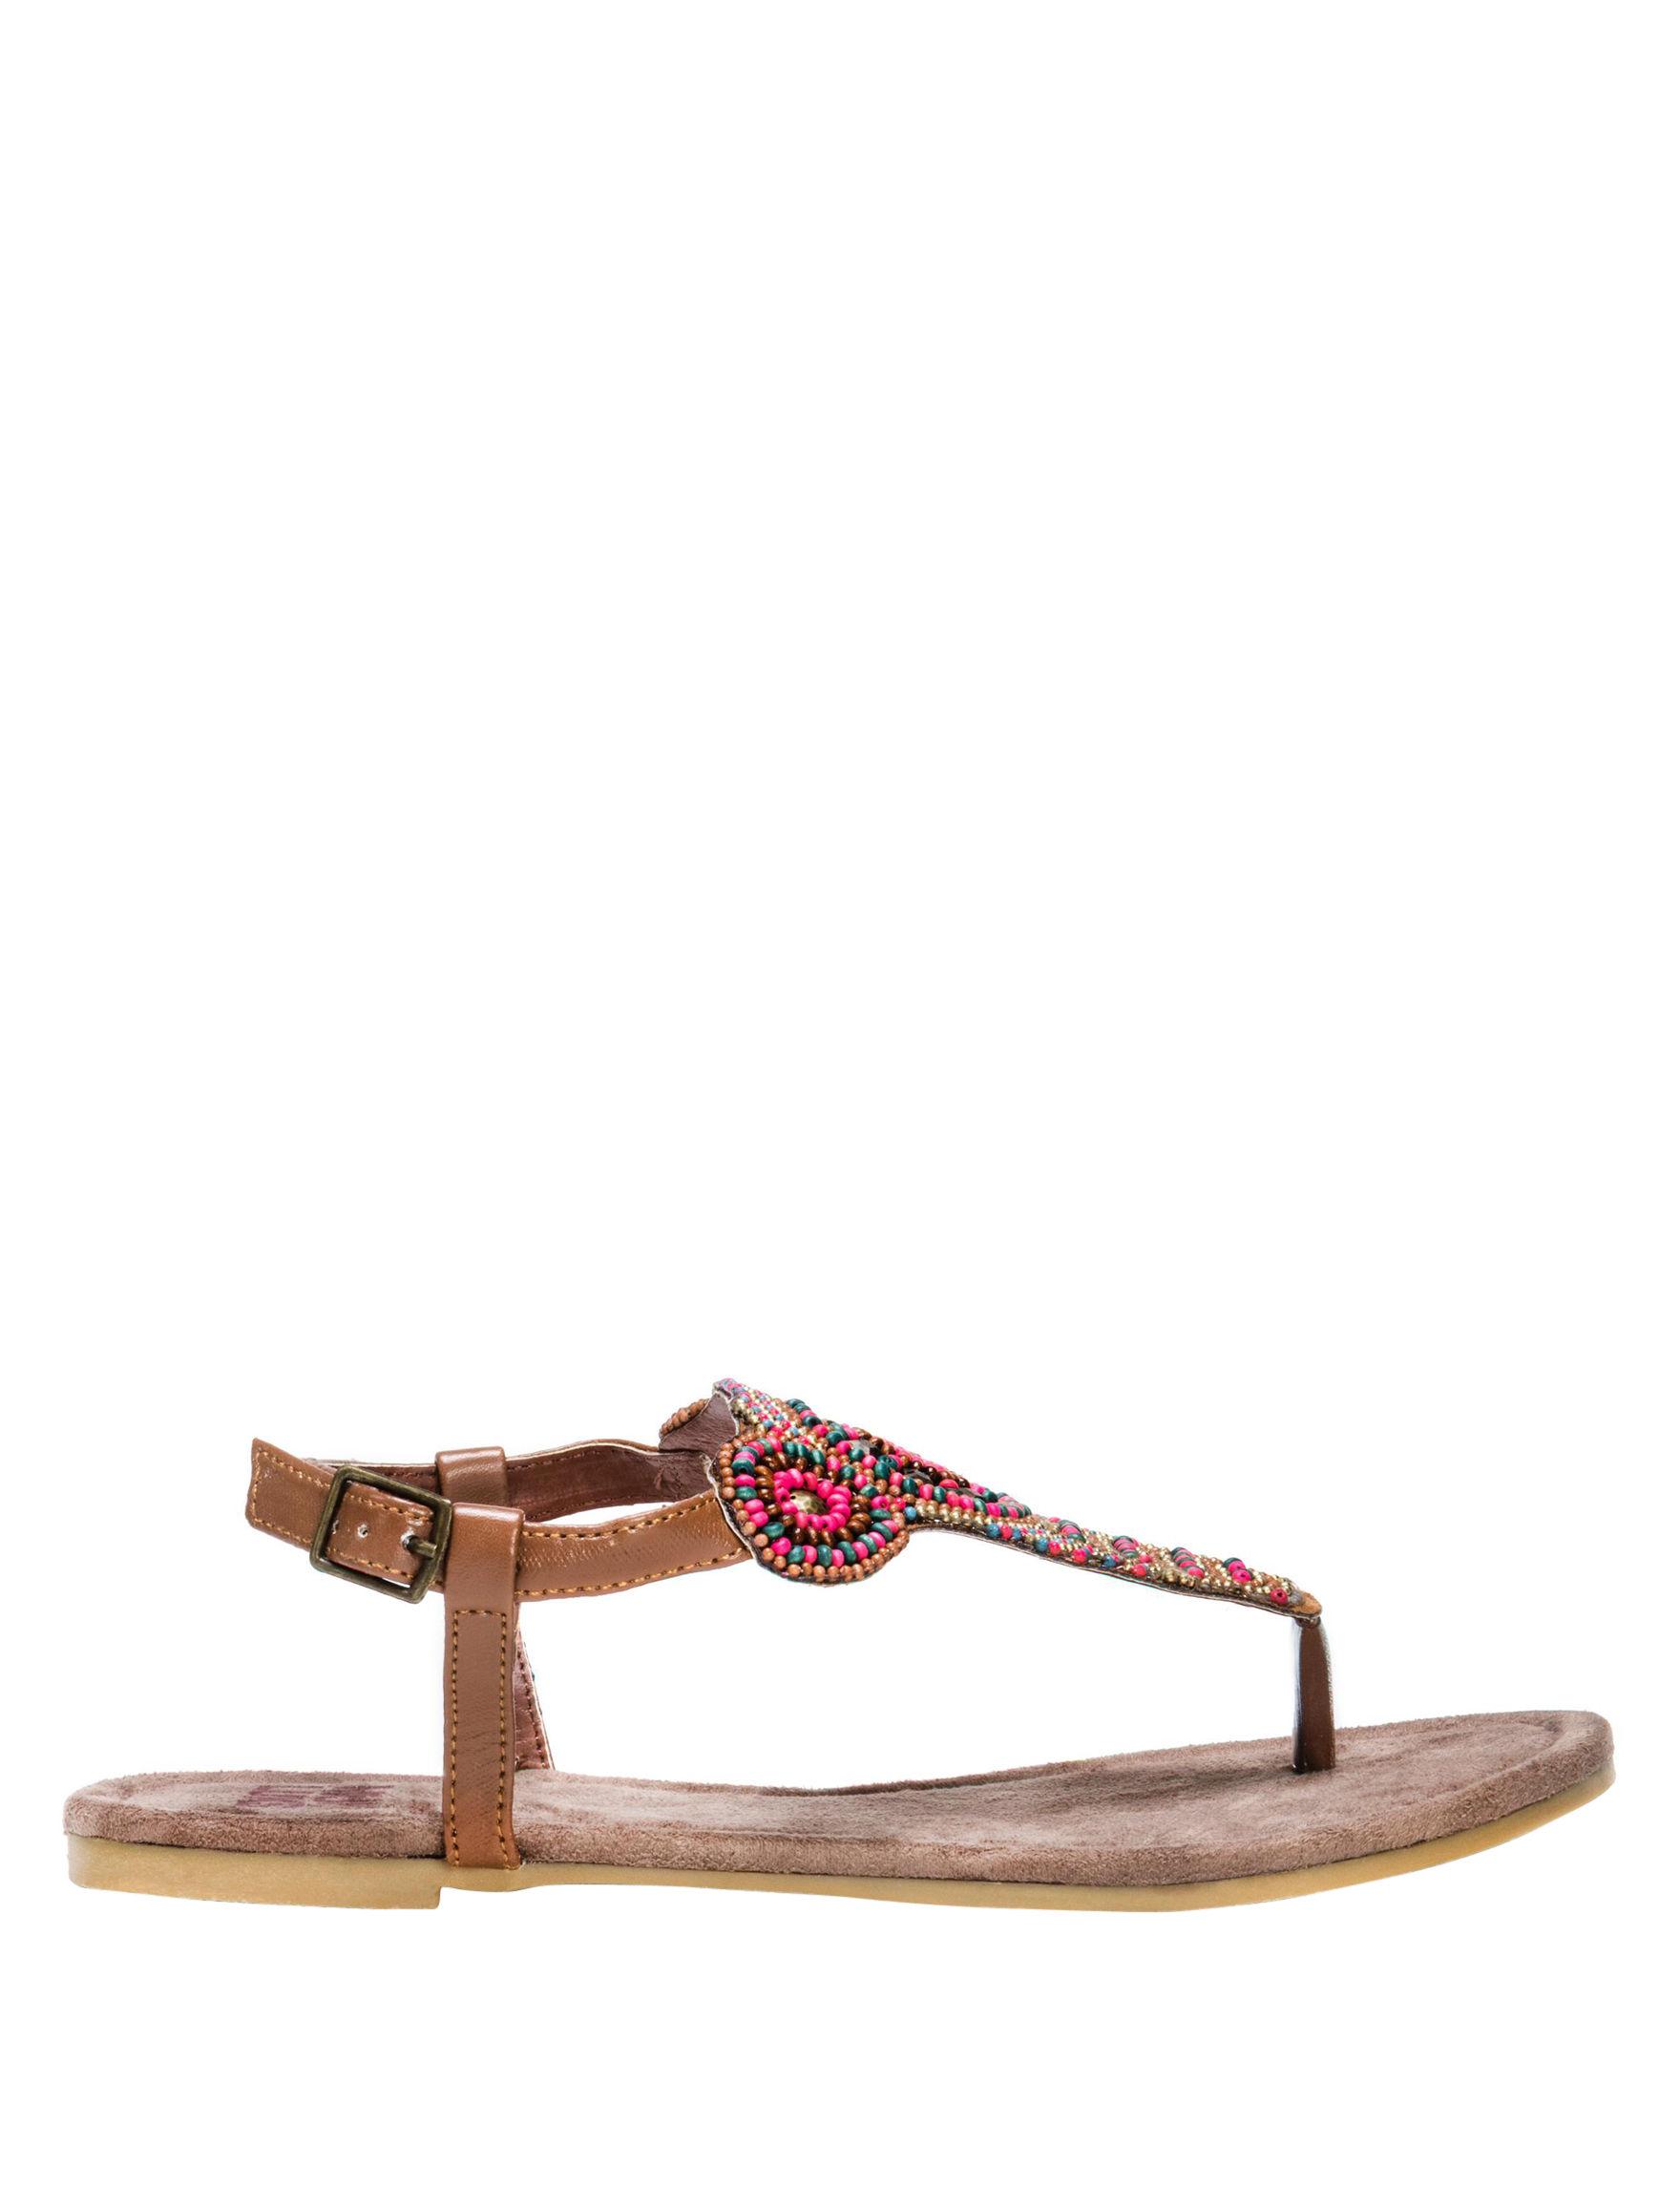 Muk Luks Brown Flat Sandals